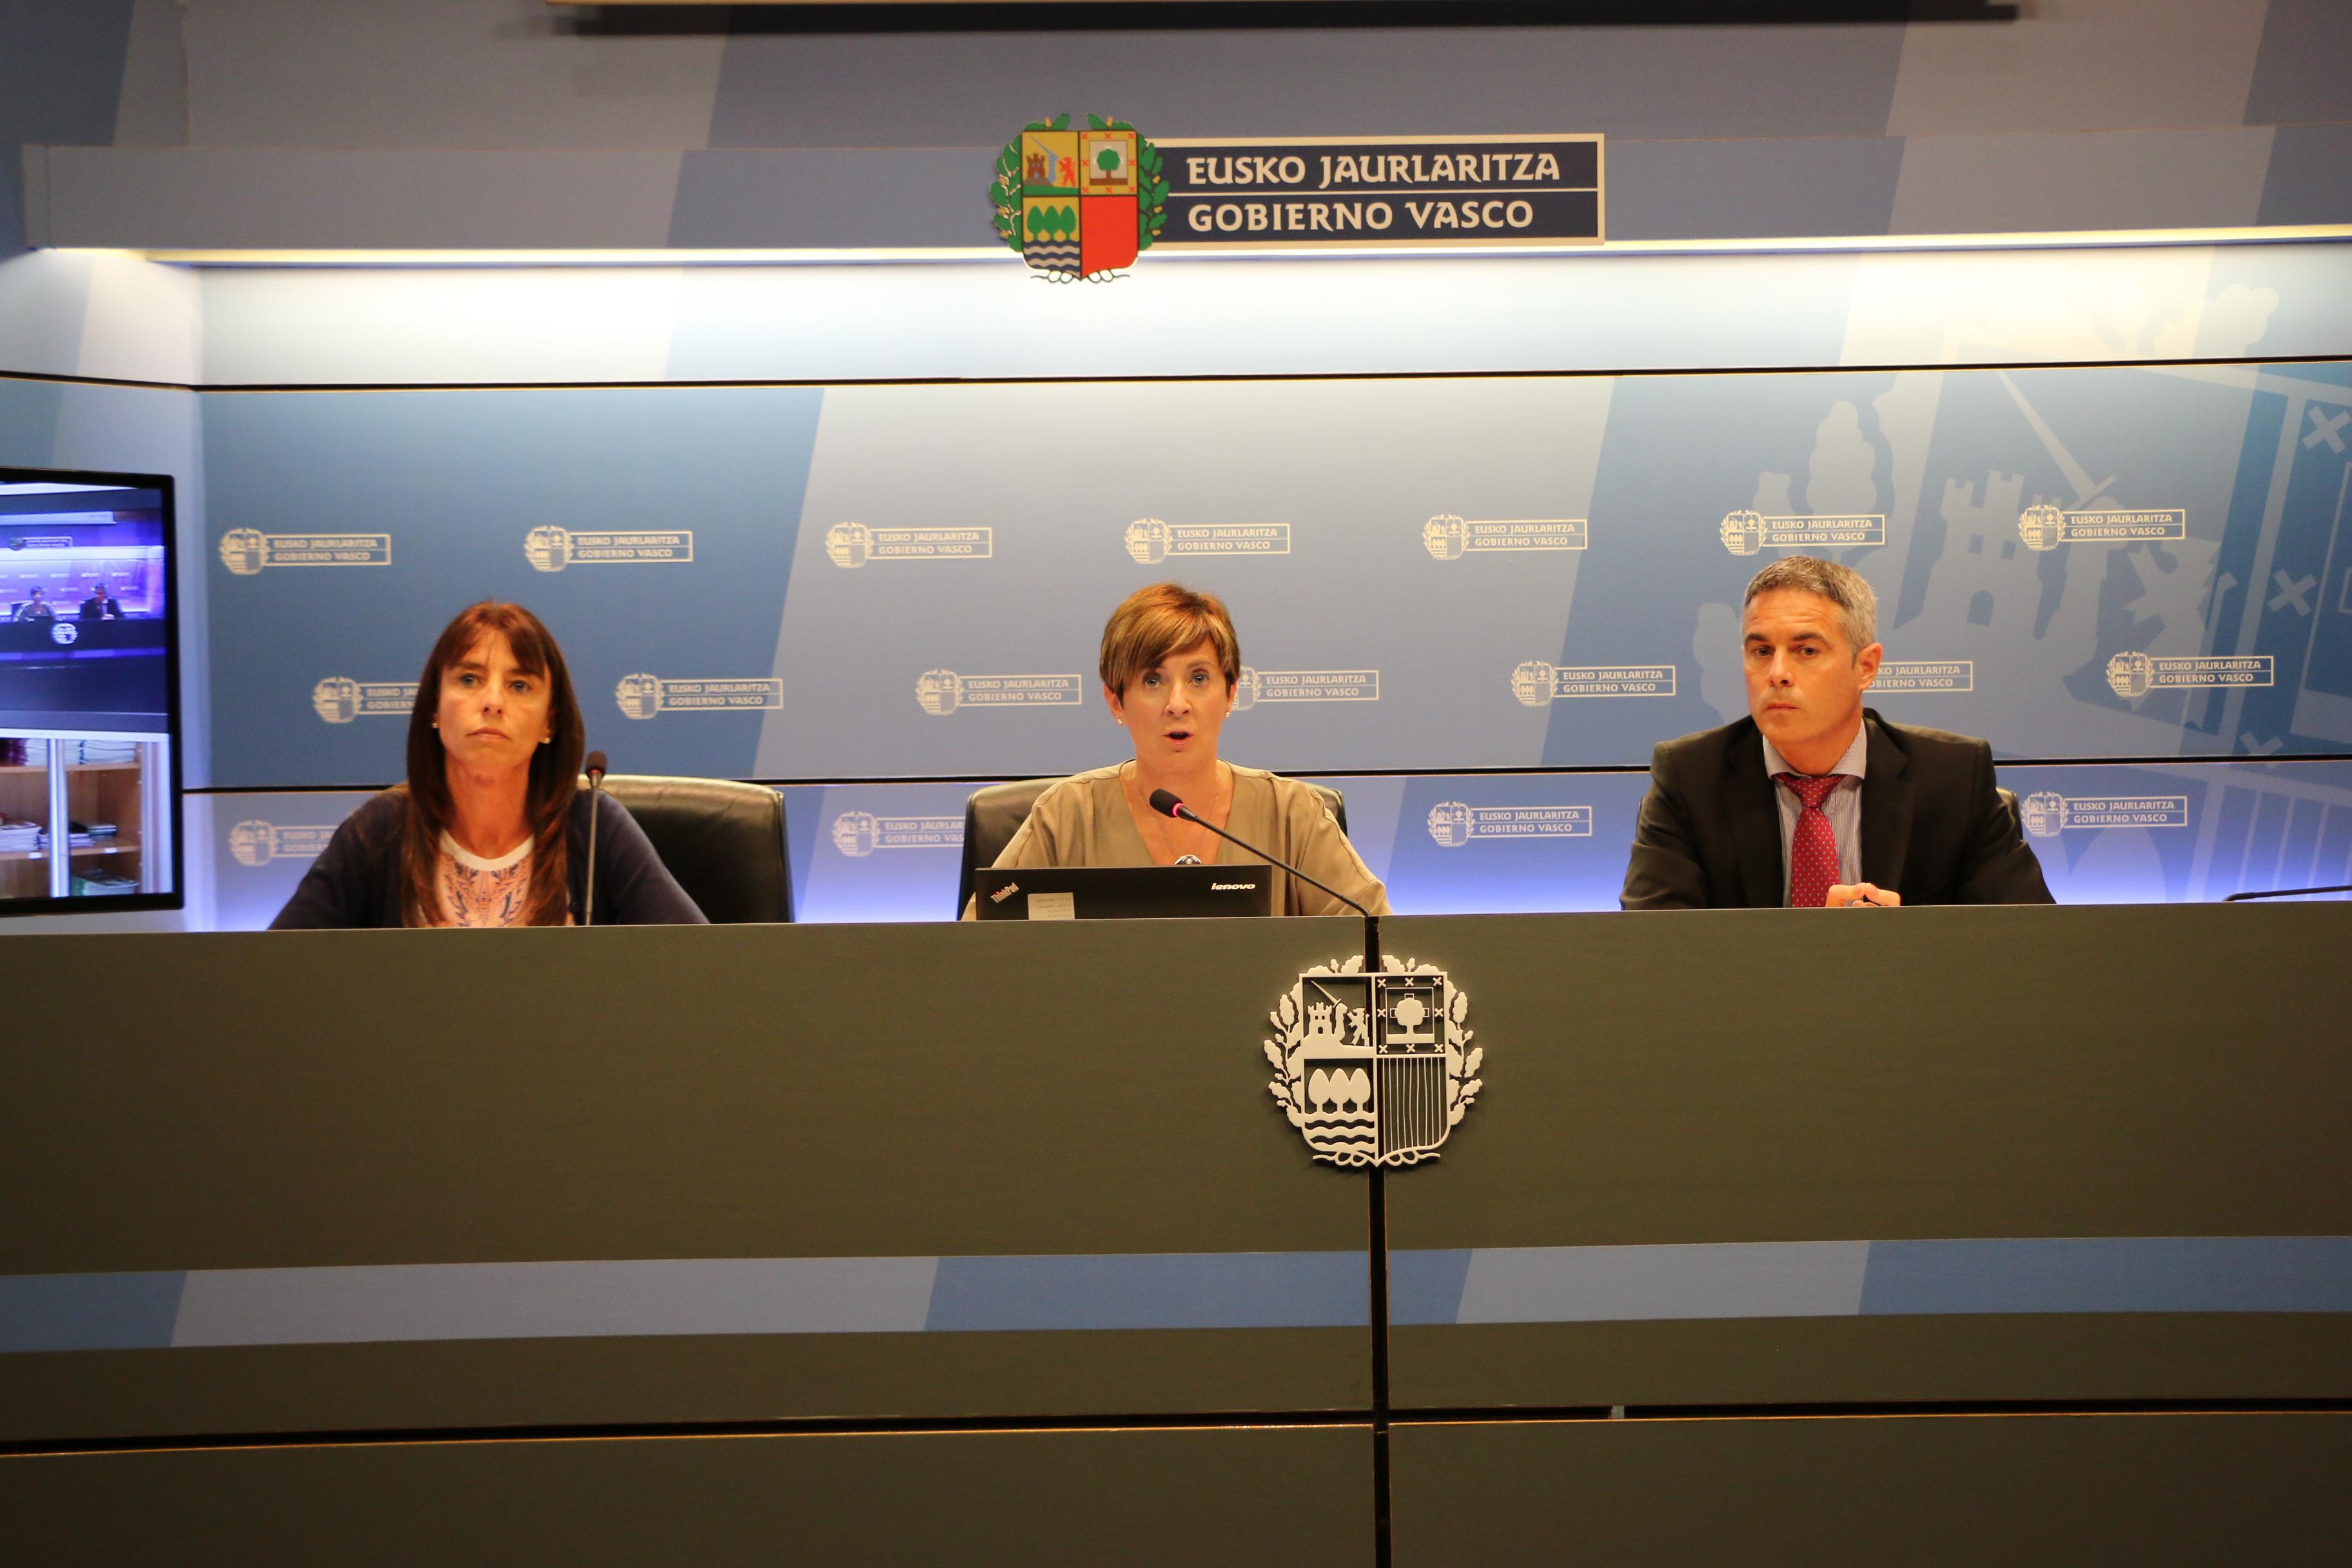 Euskadi extiende banda ancha ultrarrápida a edificios públicos y áreas industriales de Euskadi